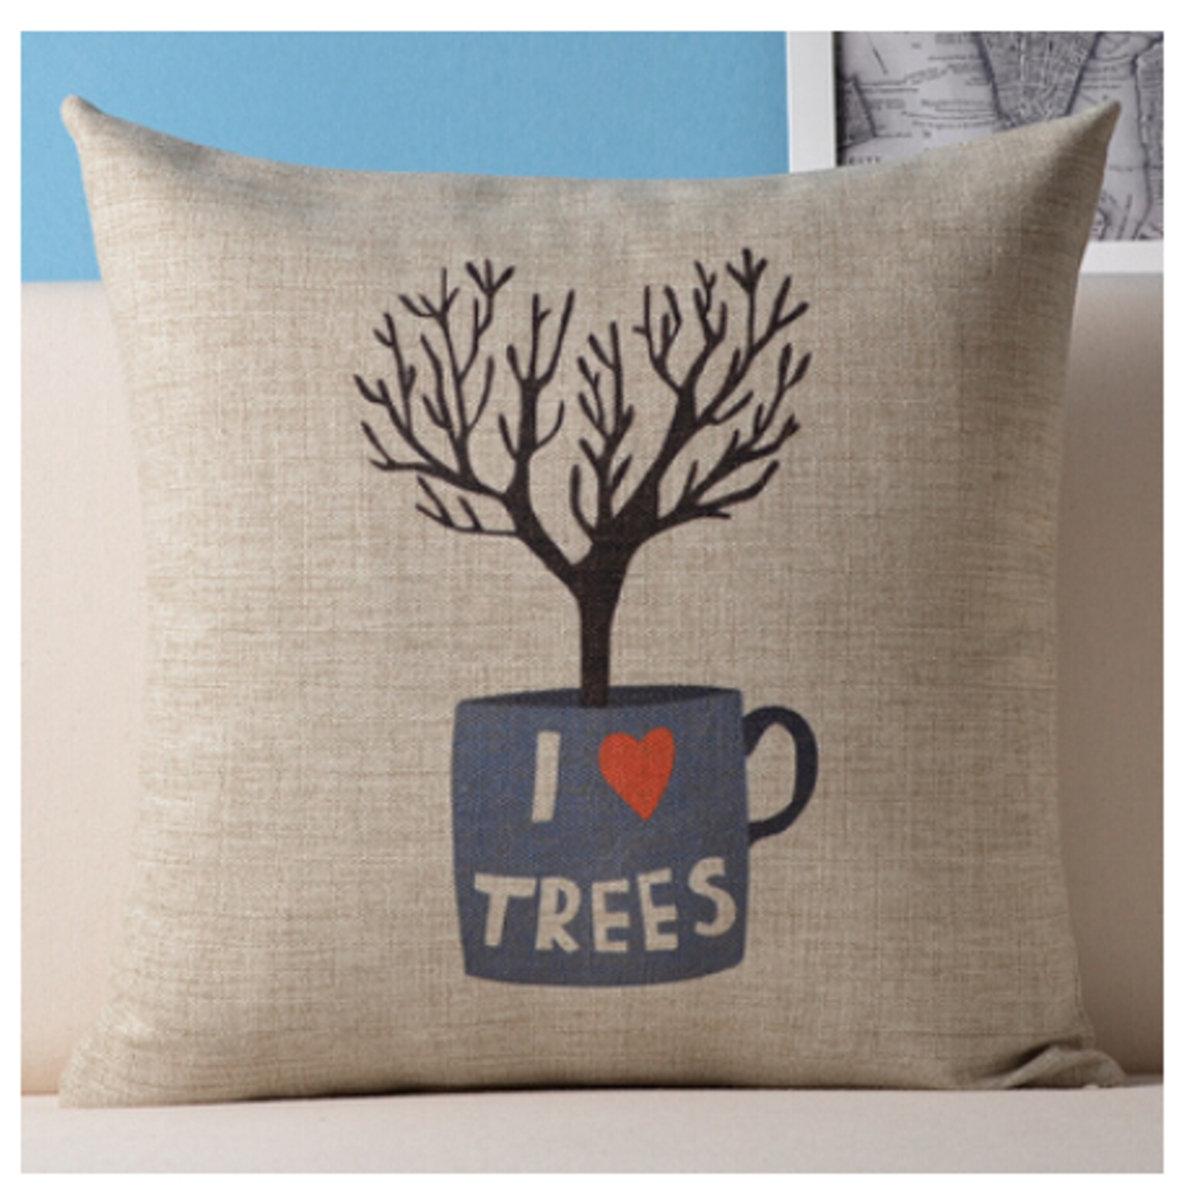 麋鹿麻棉抱枕 - B款(成長小樹)